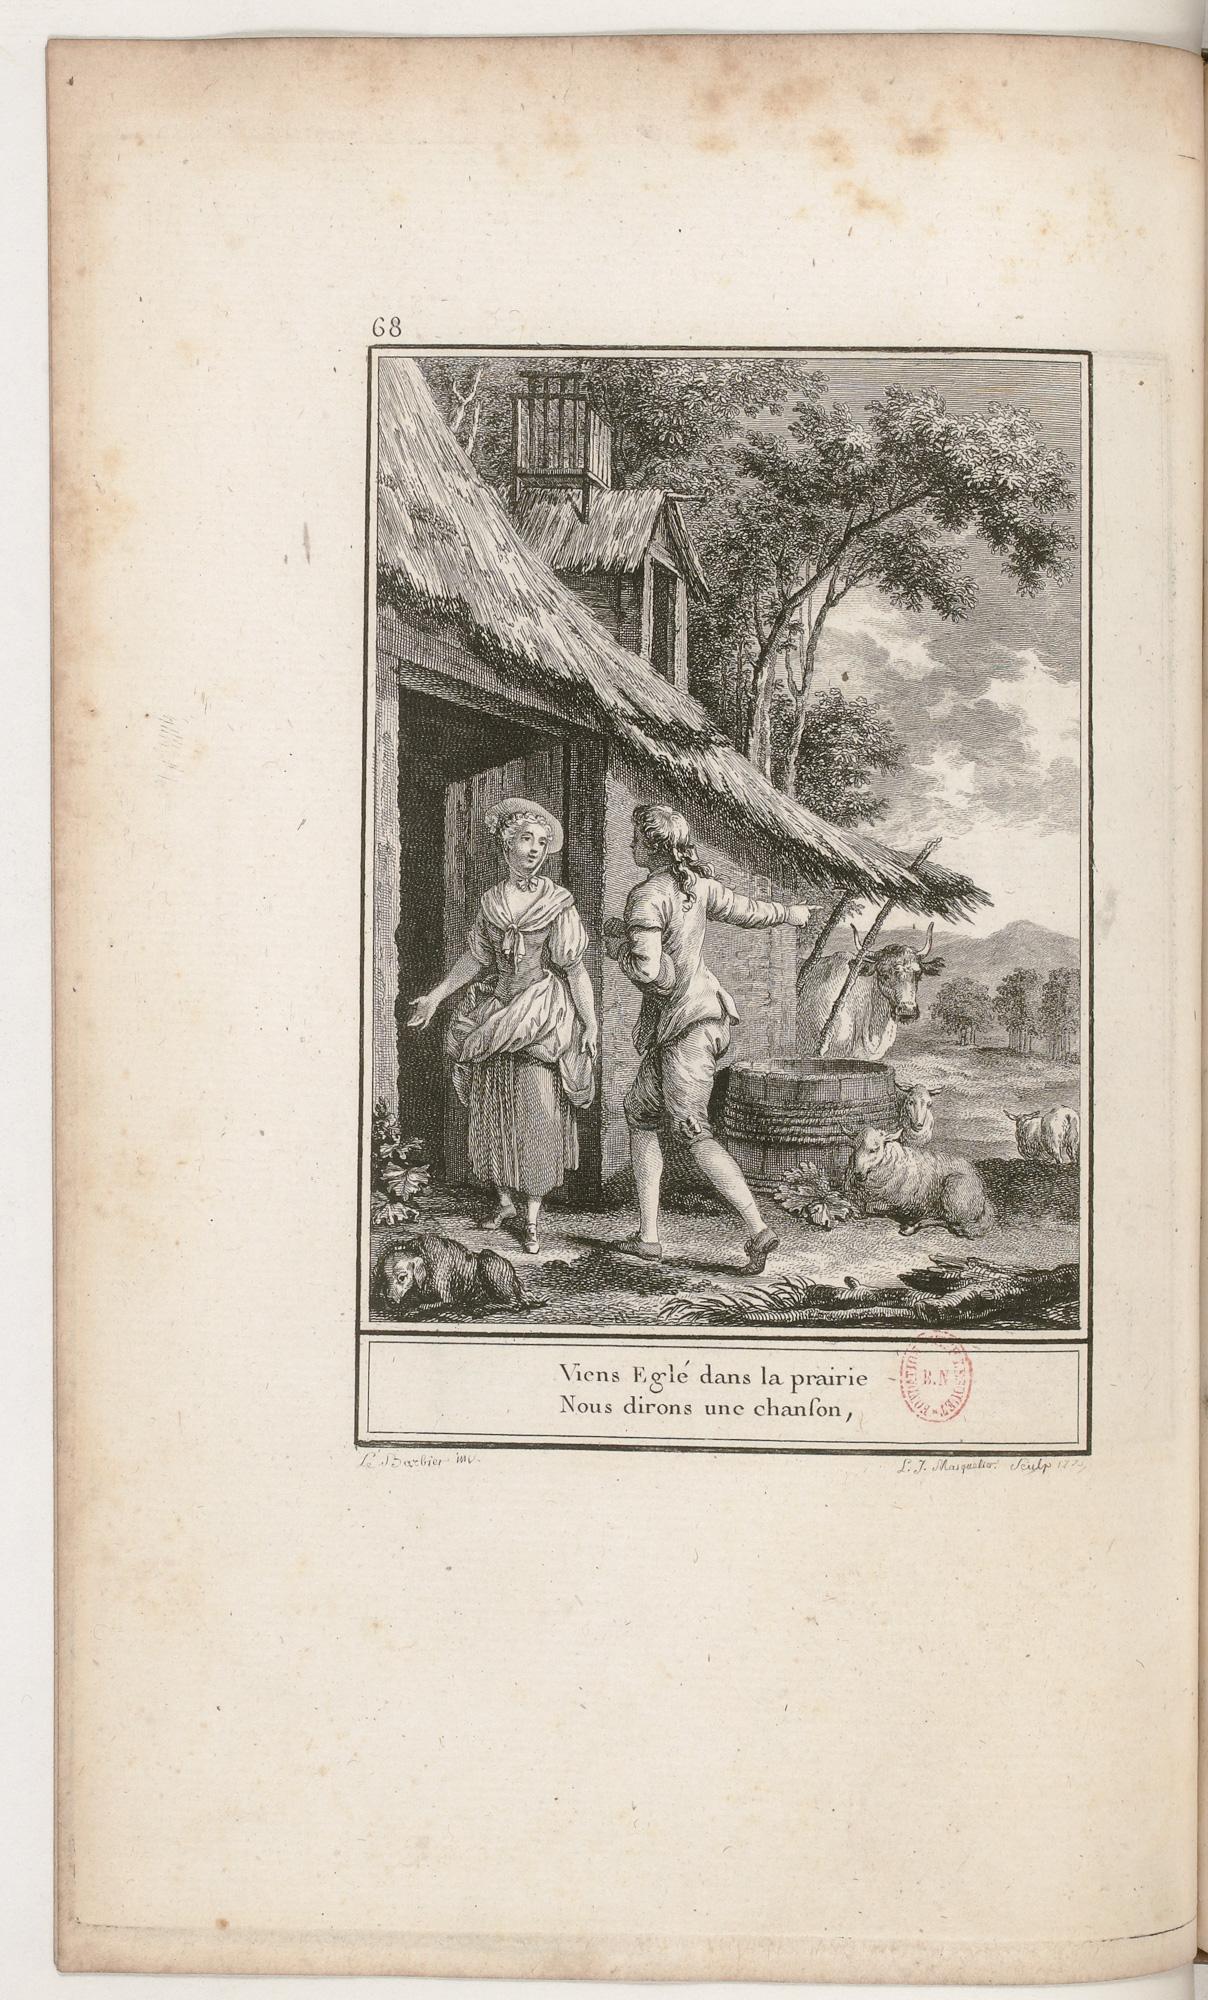 S.3.12 La leçon offerte, 1772, Image